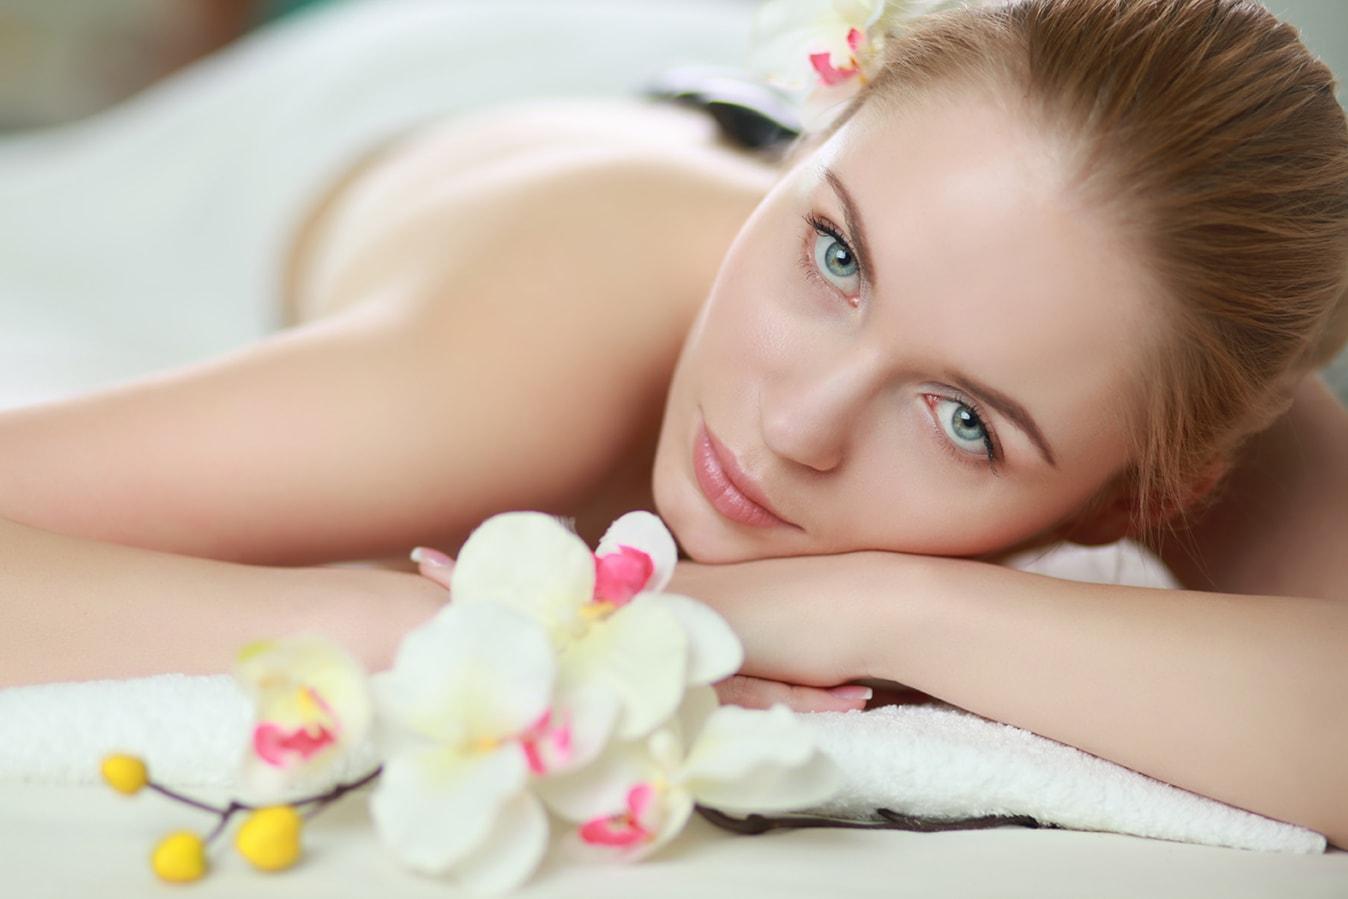 massaggio olistico rilassante più tecnica di riequilibrio dei chakra